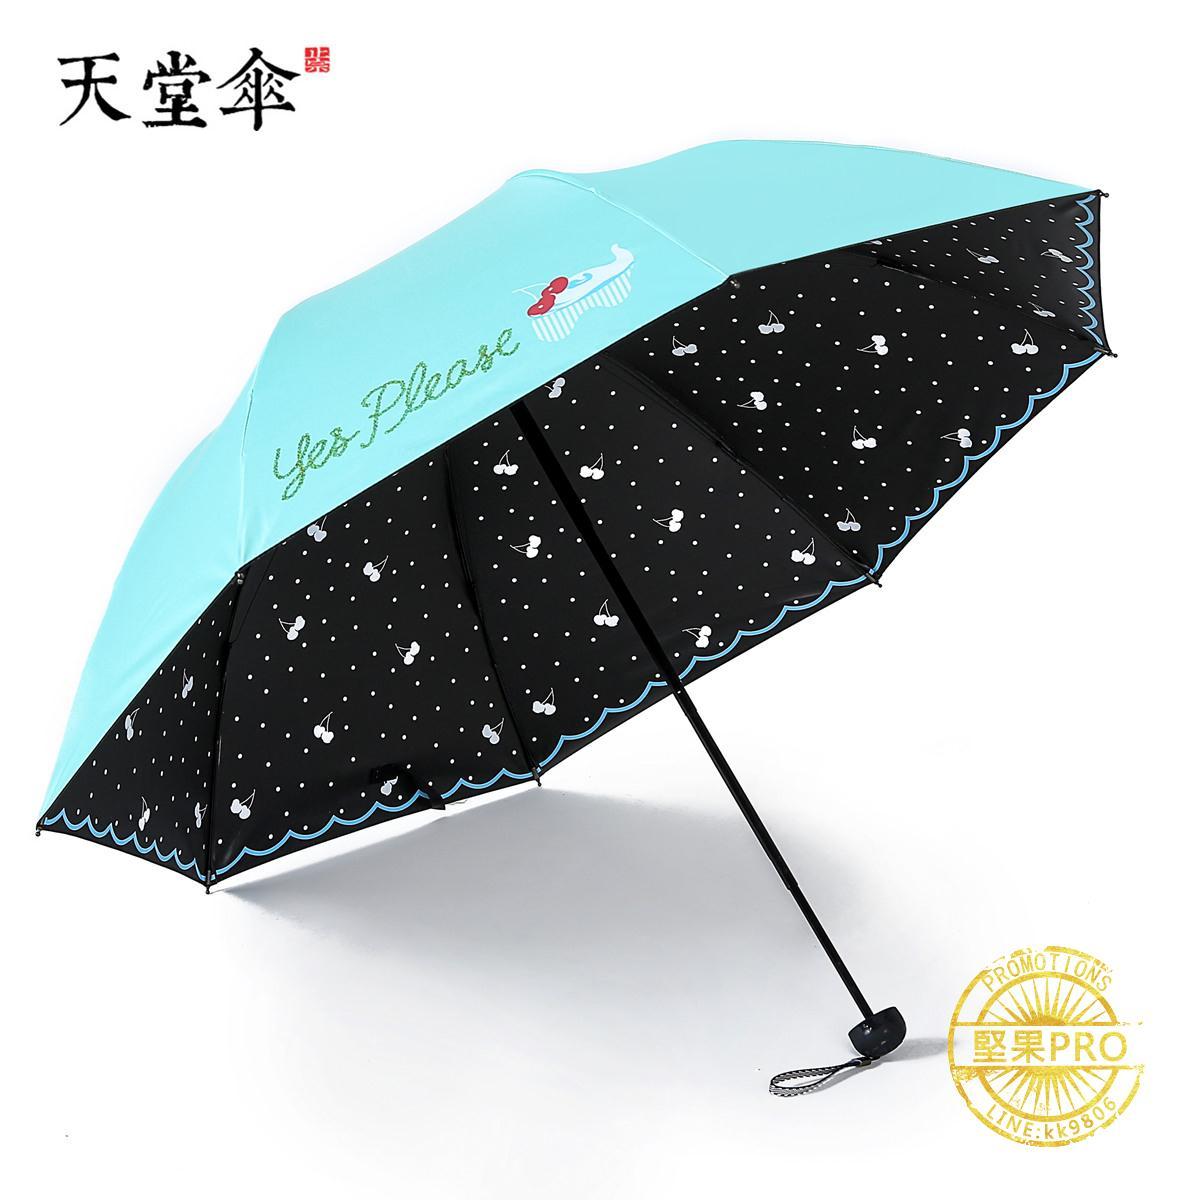 手持太陽傘 天堂傘晴雨傘防曬防紫外線遮陽傘雨傘女兩用太陽傘黑膠旗艦店官網ZHJG366